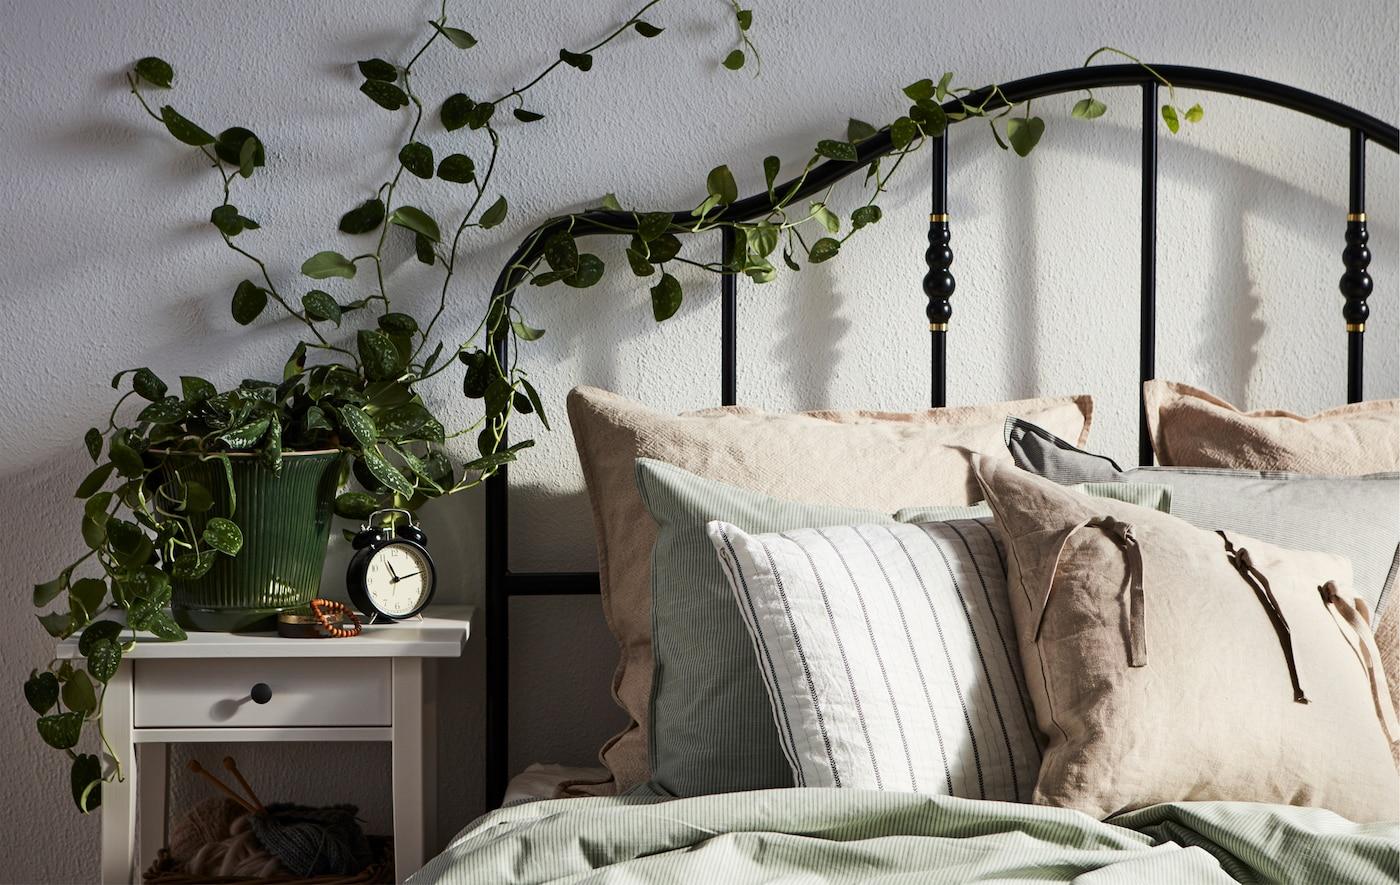 Uma cama iluminada pelo sol com uma cabeceira de cama em aço com uma trepadeira entrelaçada que sai de um vaso na mesa de cabeceira.